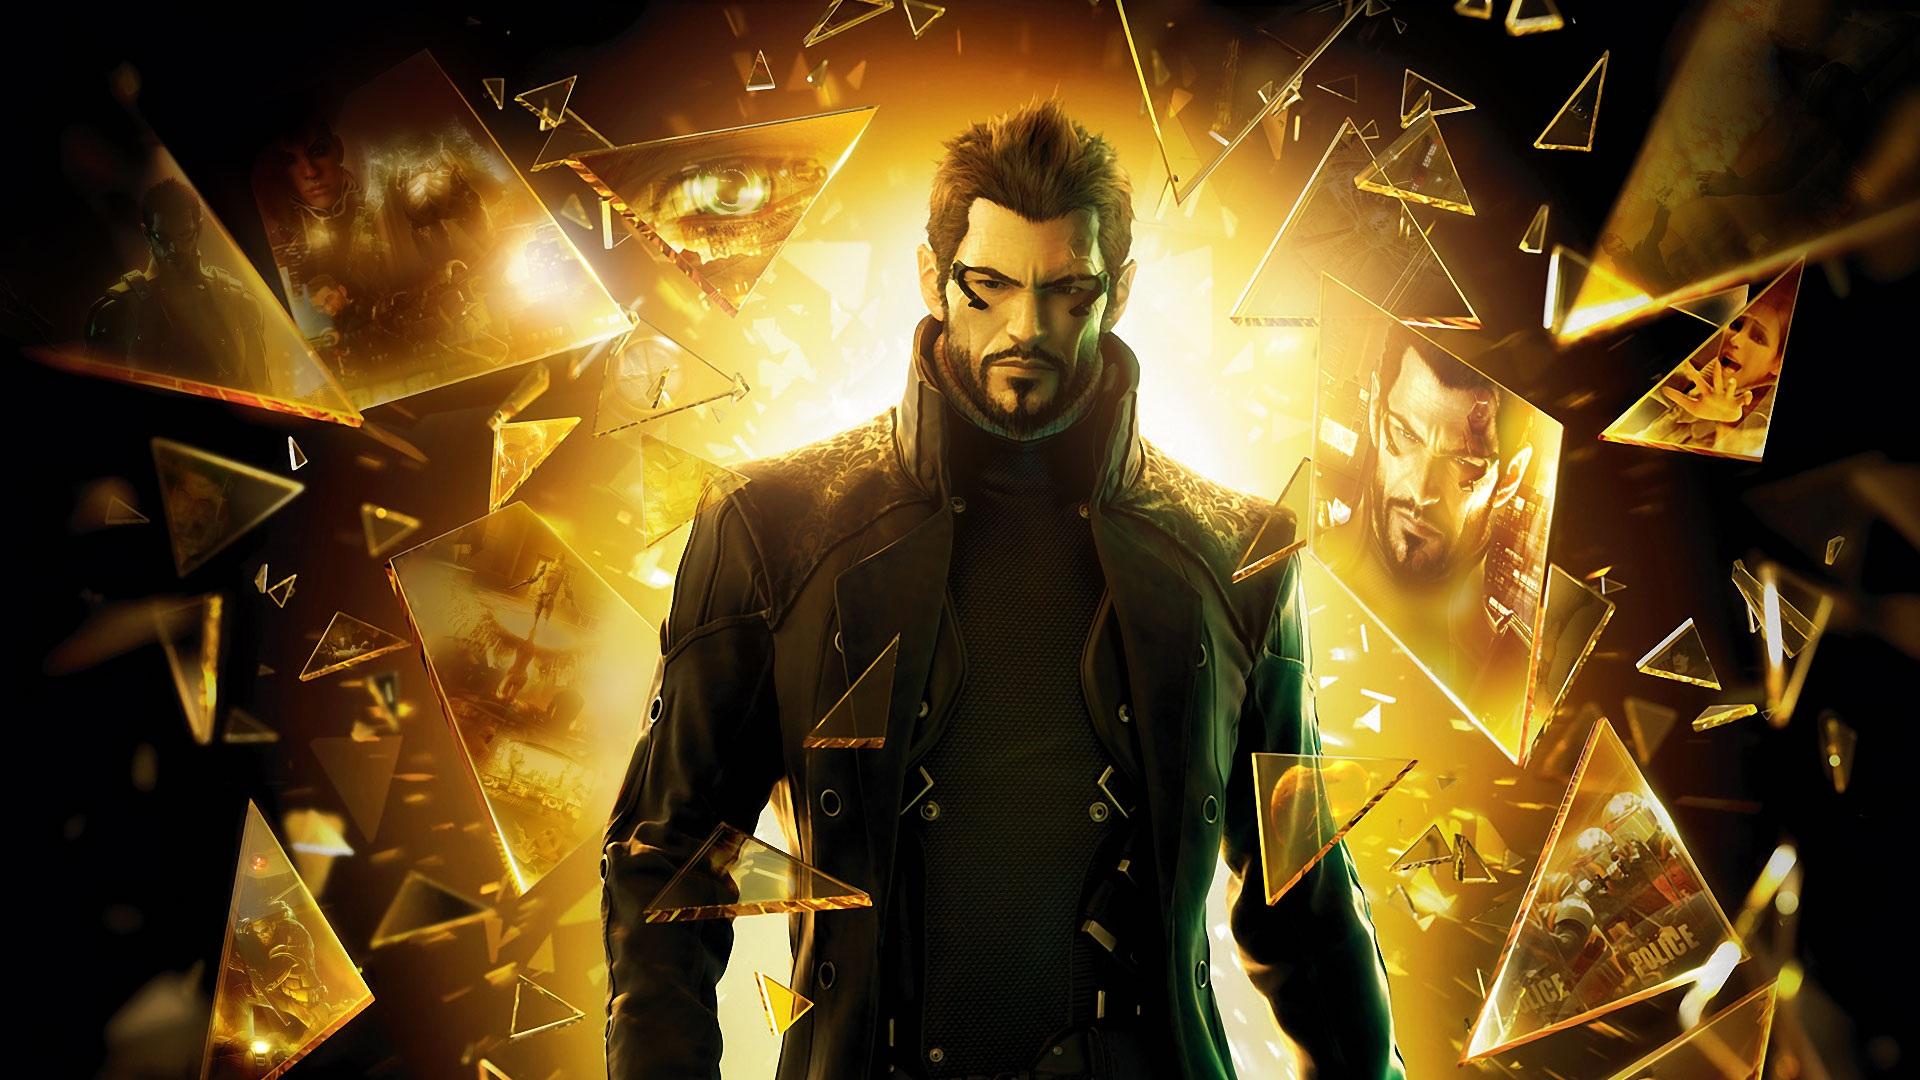 前作『Deus Ex: Human Revolution』のアダム・ジェンセン。本作でジェンセンは、新たなオーグメンテーションのスーツを身にまとうが、その姿はGame Informerの最新記事にて確認することができる